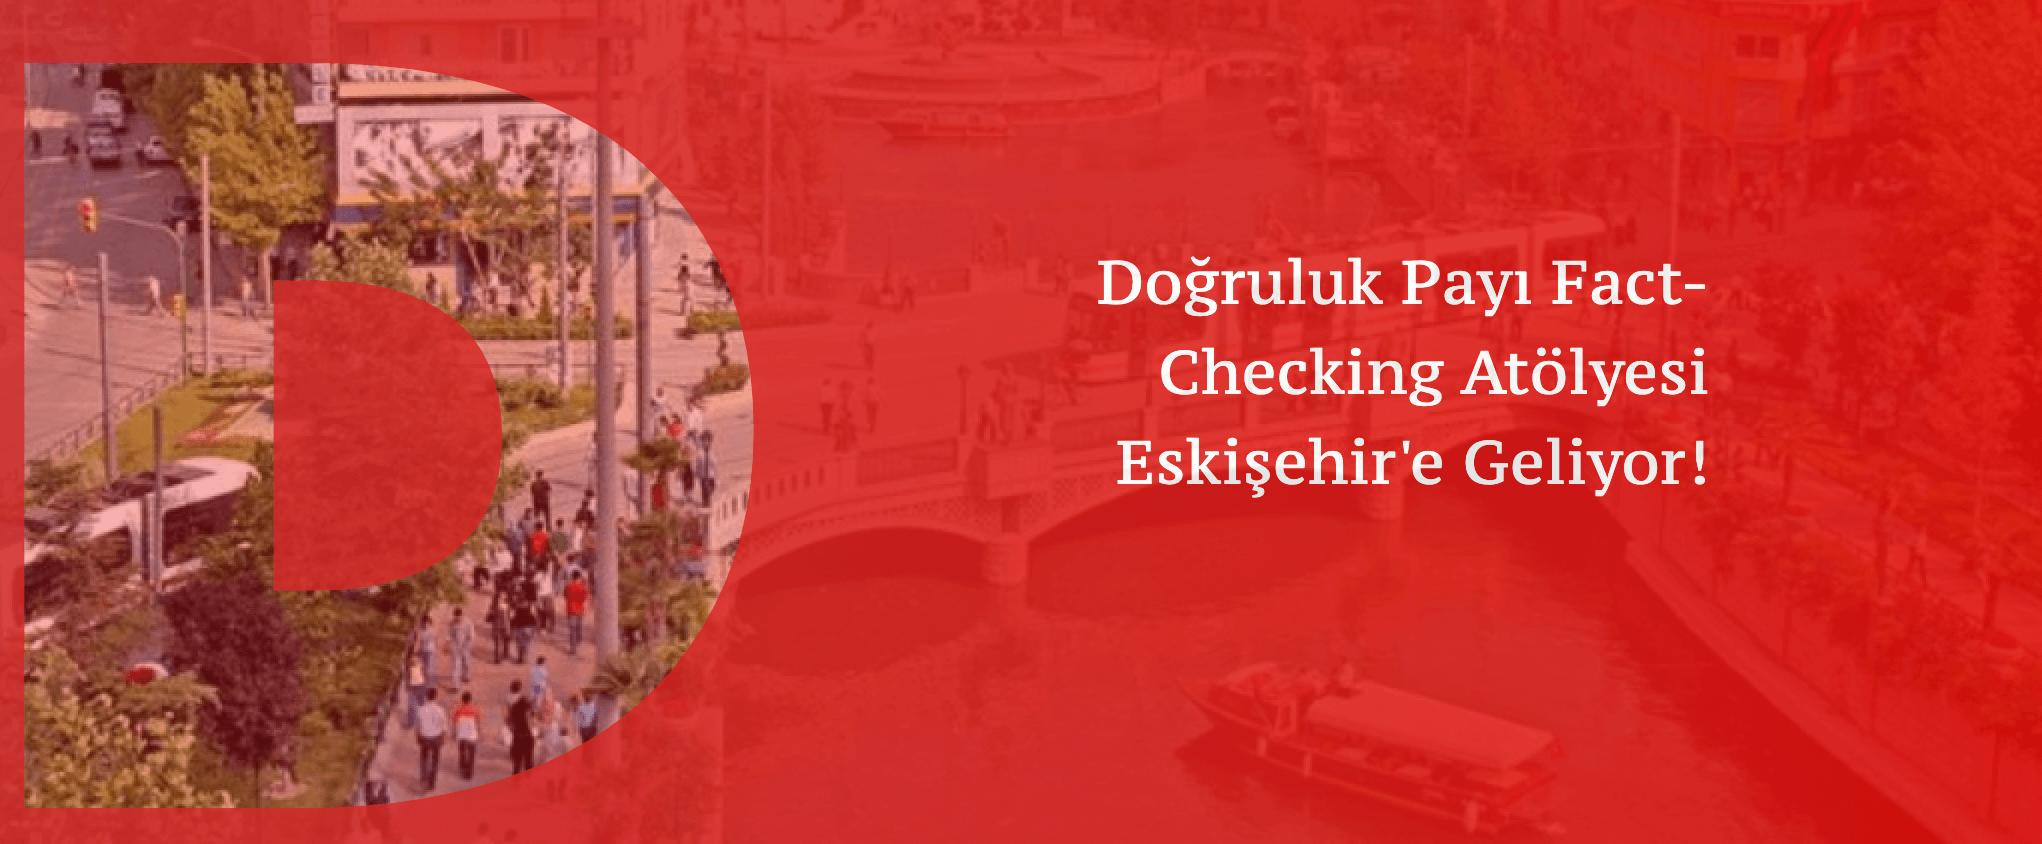 Doğruluk Payı Fact-Checking Atölyesi 10 Ekim'de Eskişehir'de!